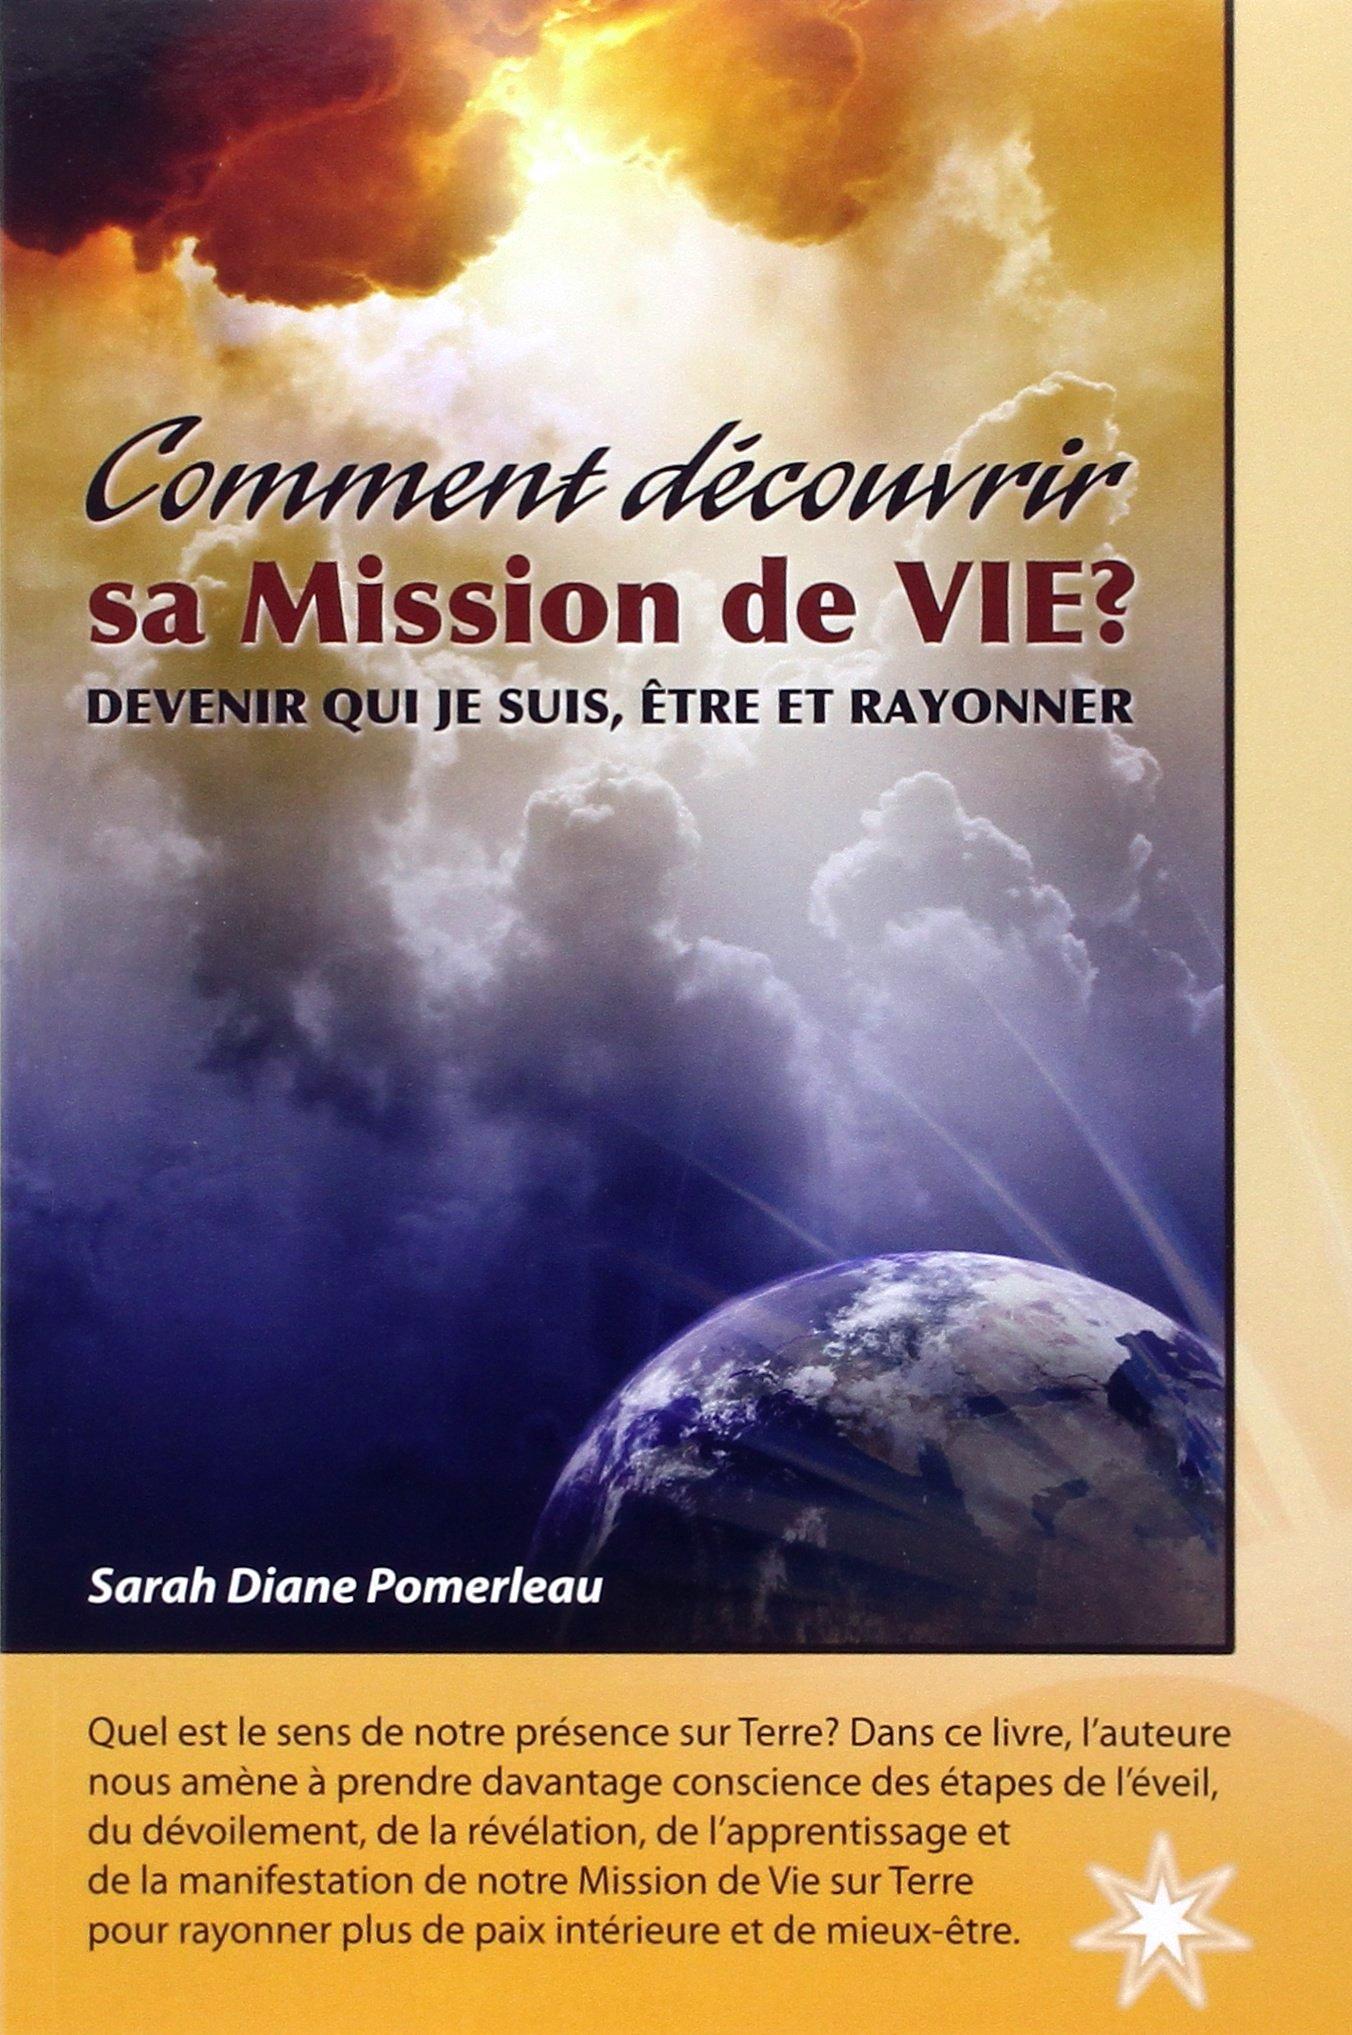 Cliquez ici pour découvrir ce livre